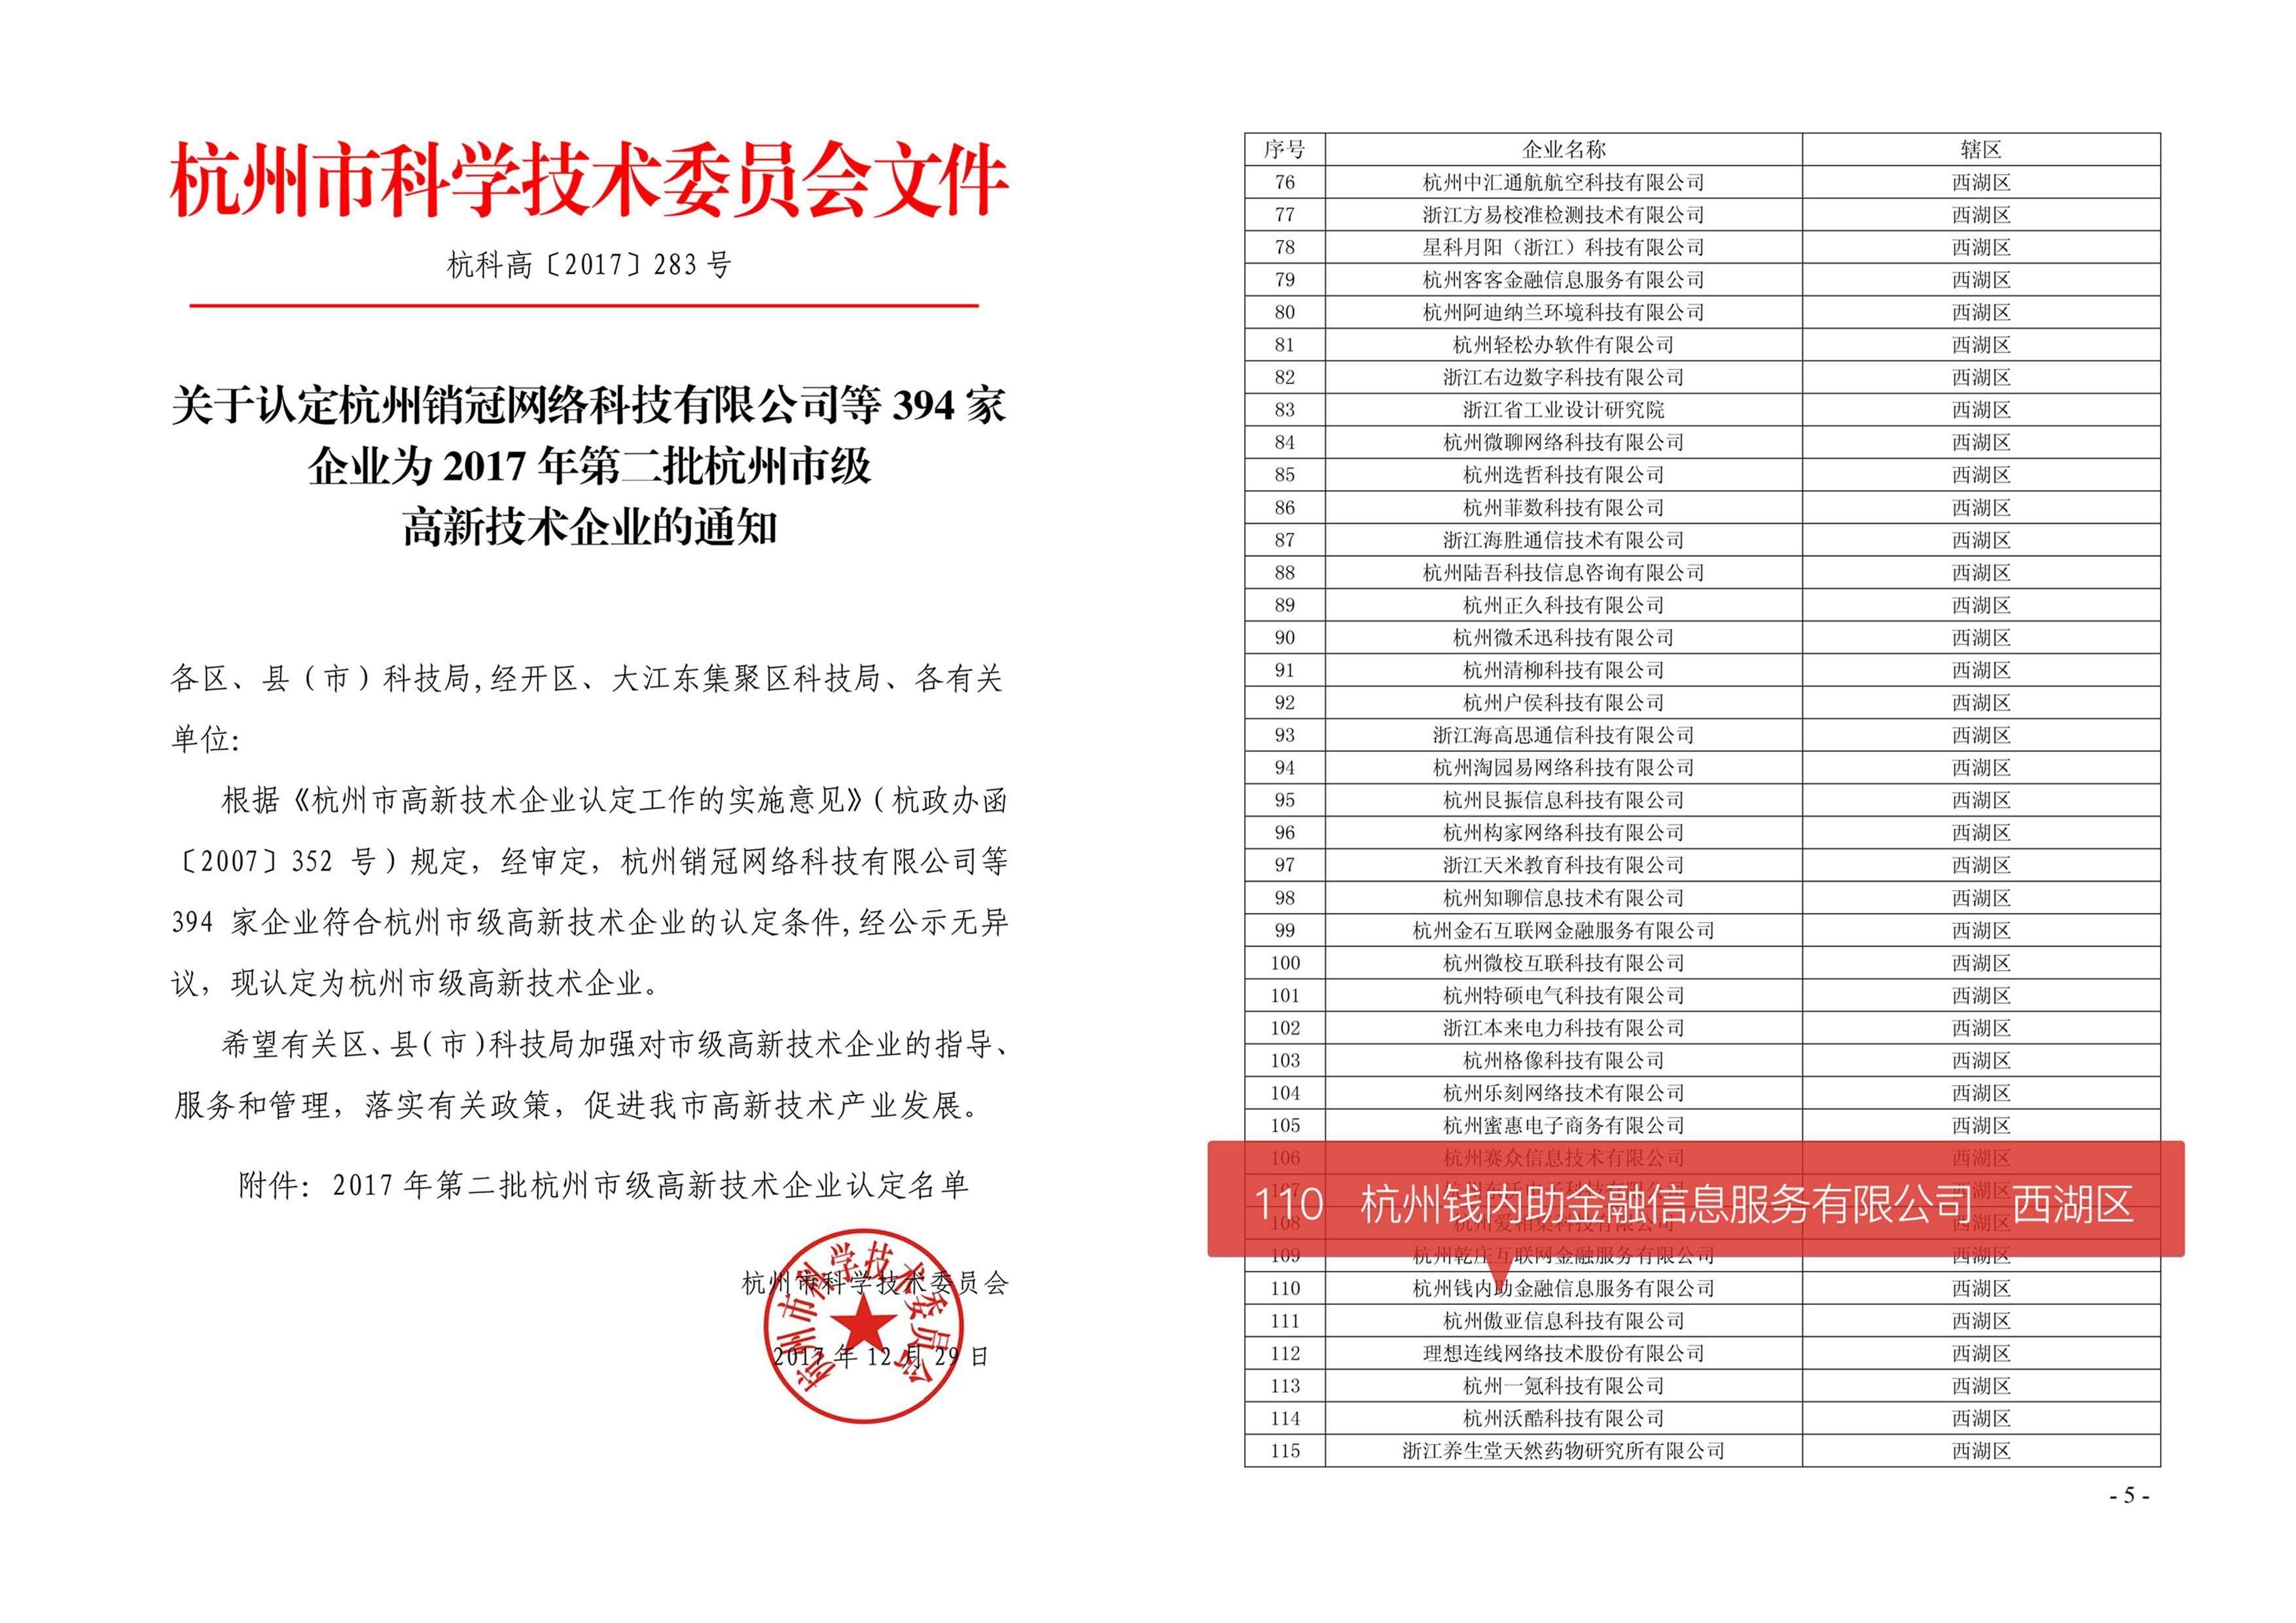 钱内助获批杭州市级高新技术企业